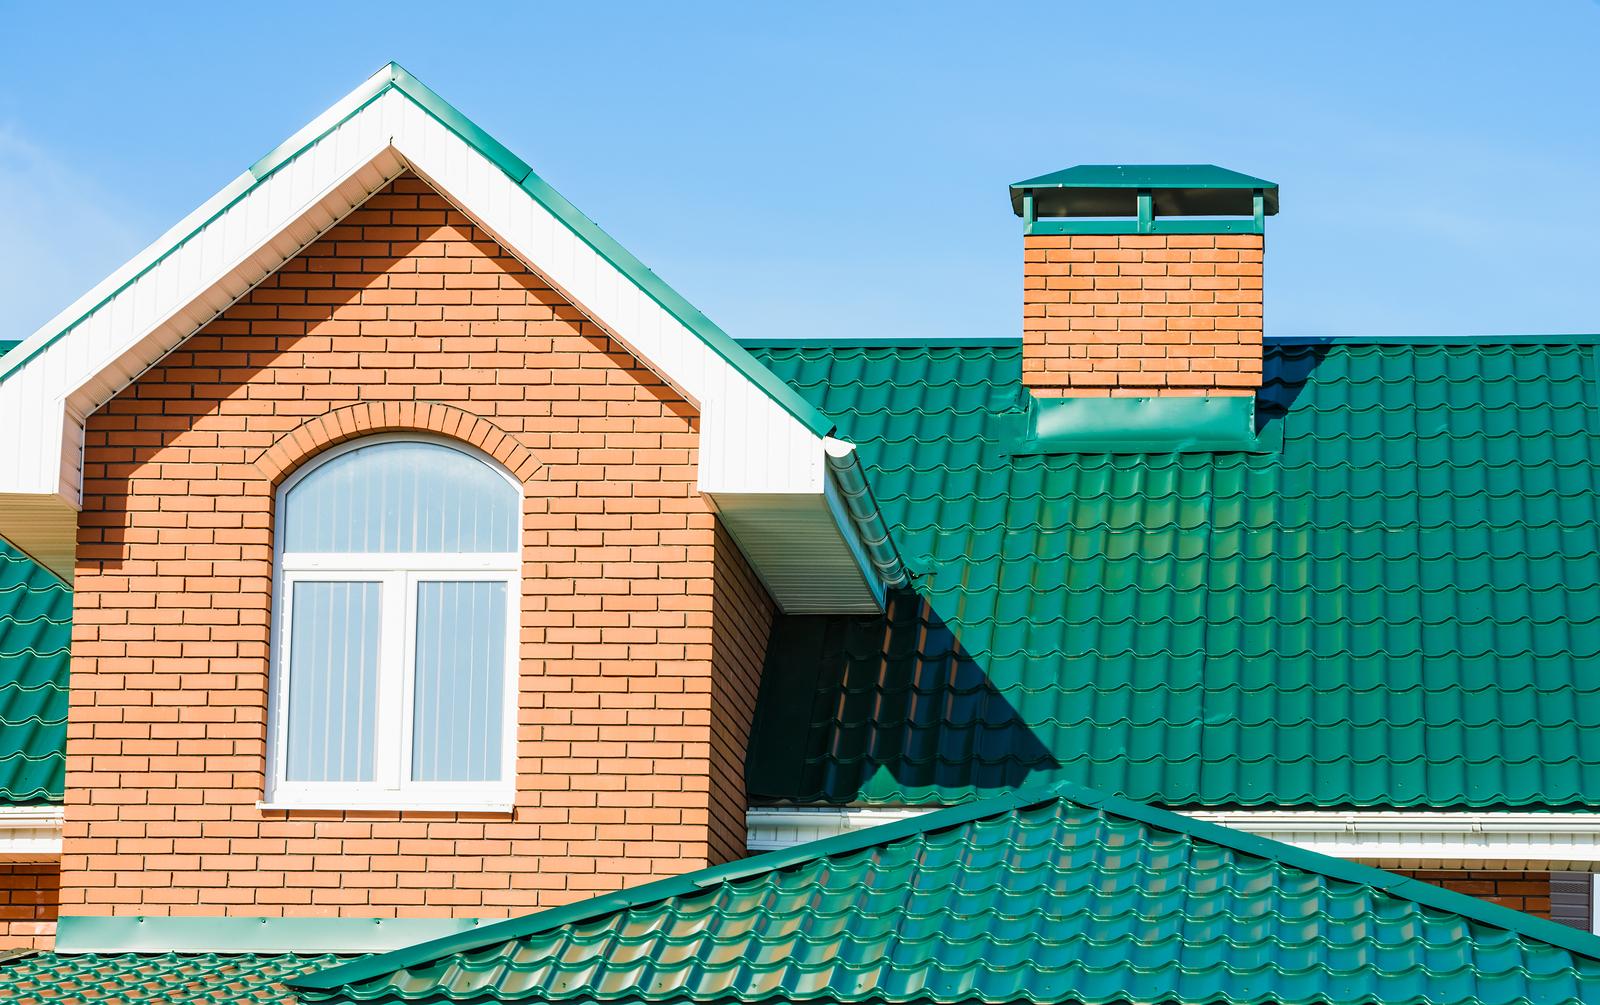 Qu l mina para techos debes elegir y por qu comeca for Tipos de techos